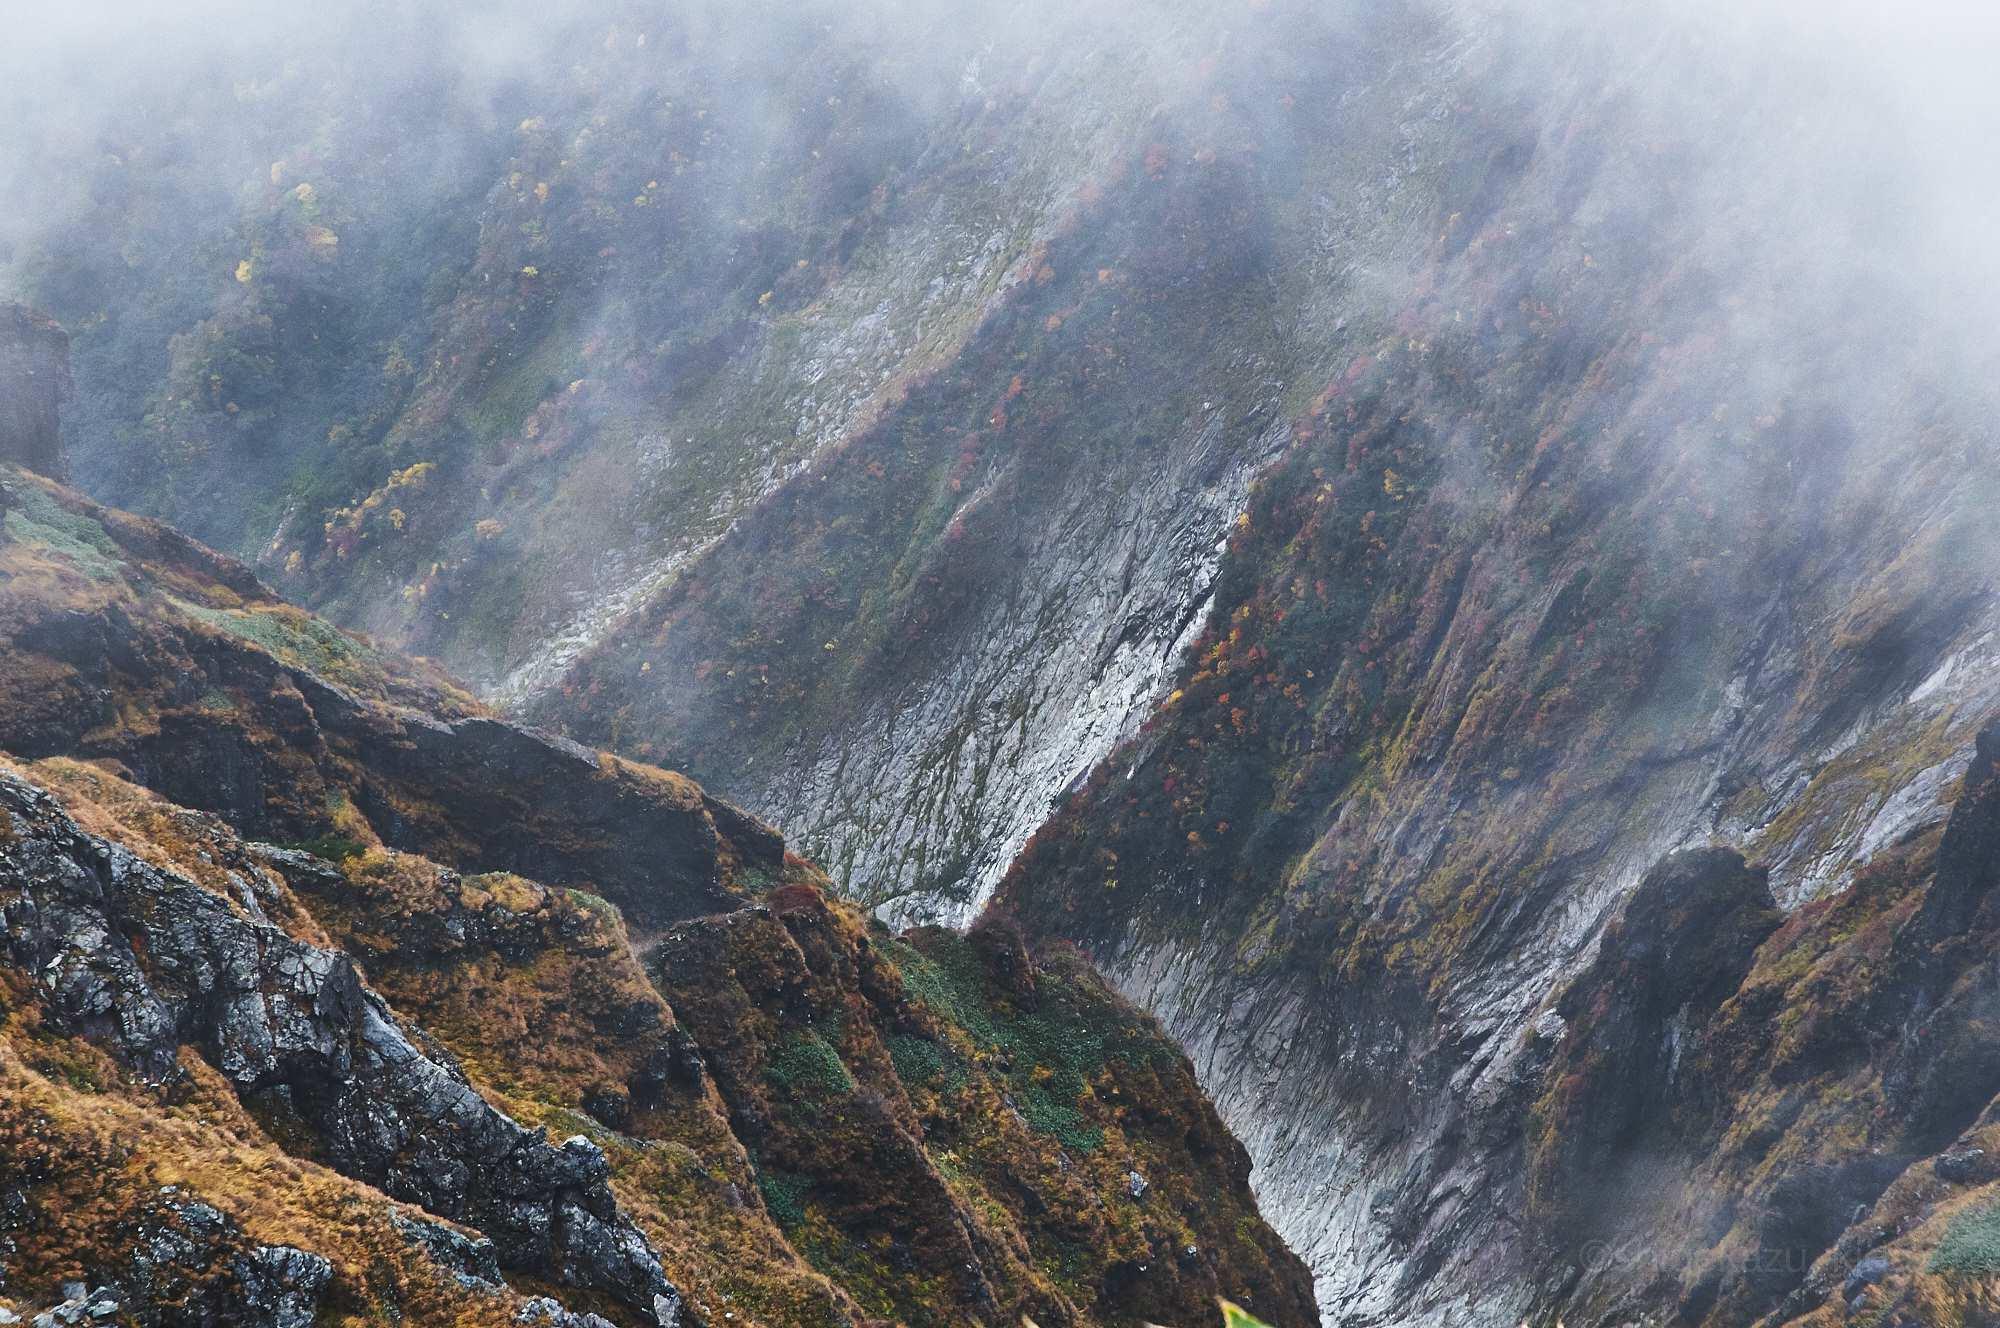 谷川岳から見下ろす谷の風景